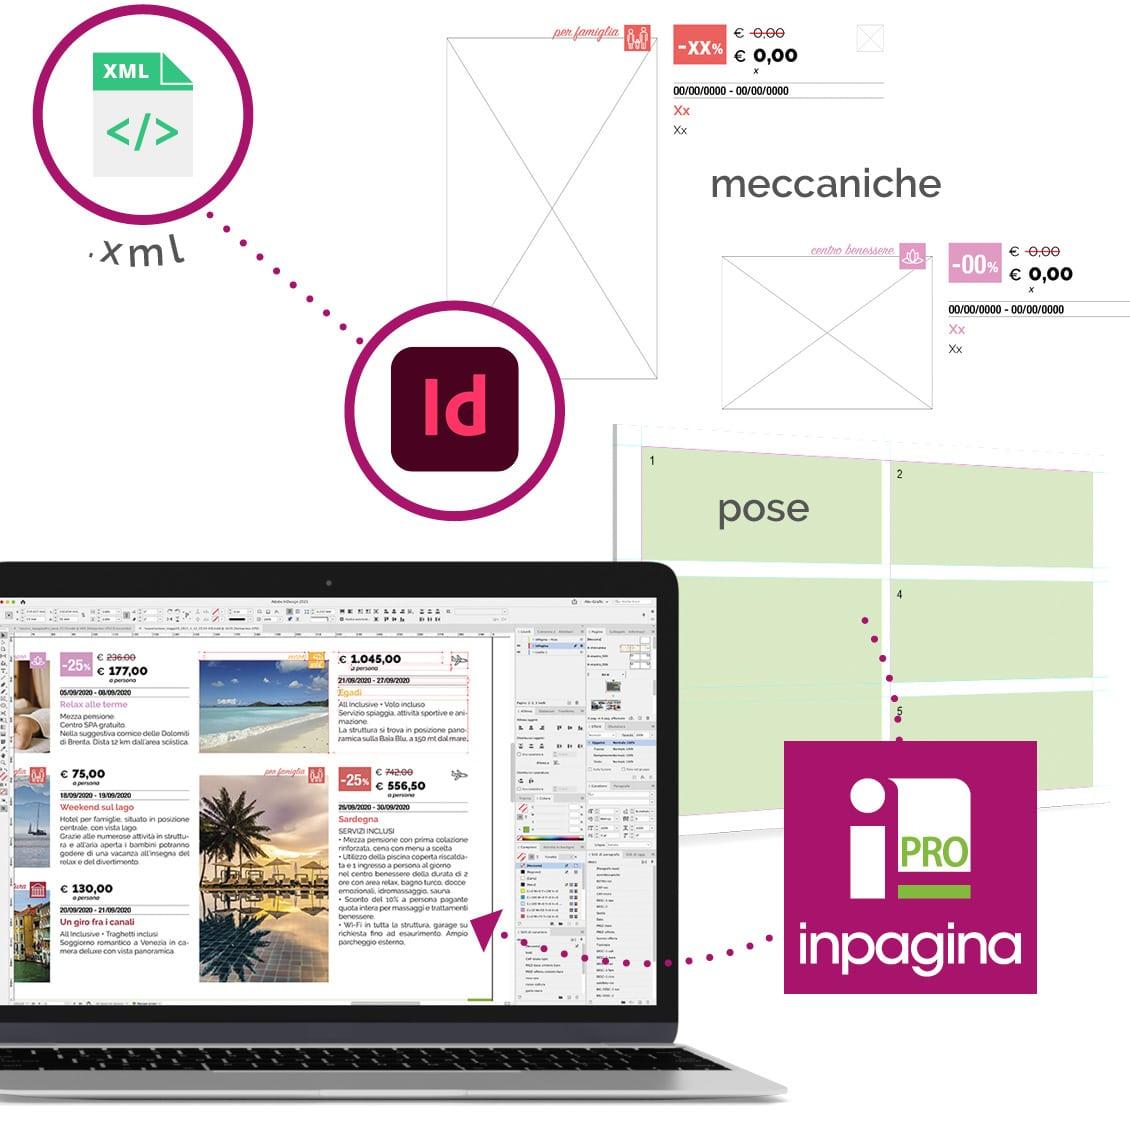 InPagina PRO - impaginazione automatica avanzata con InDesign, dati XML e meccaniche